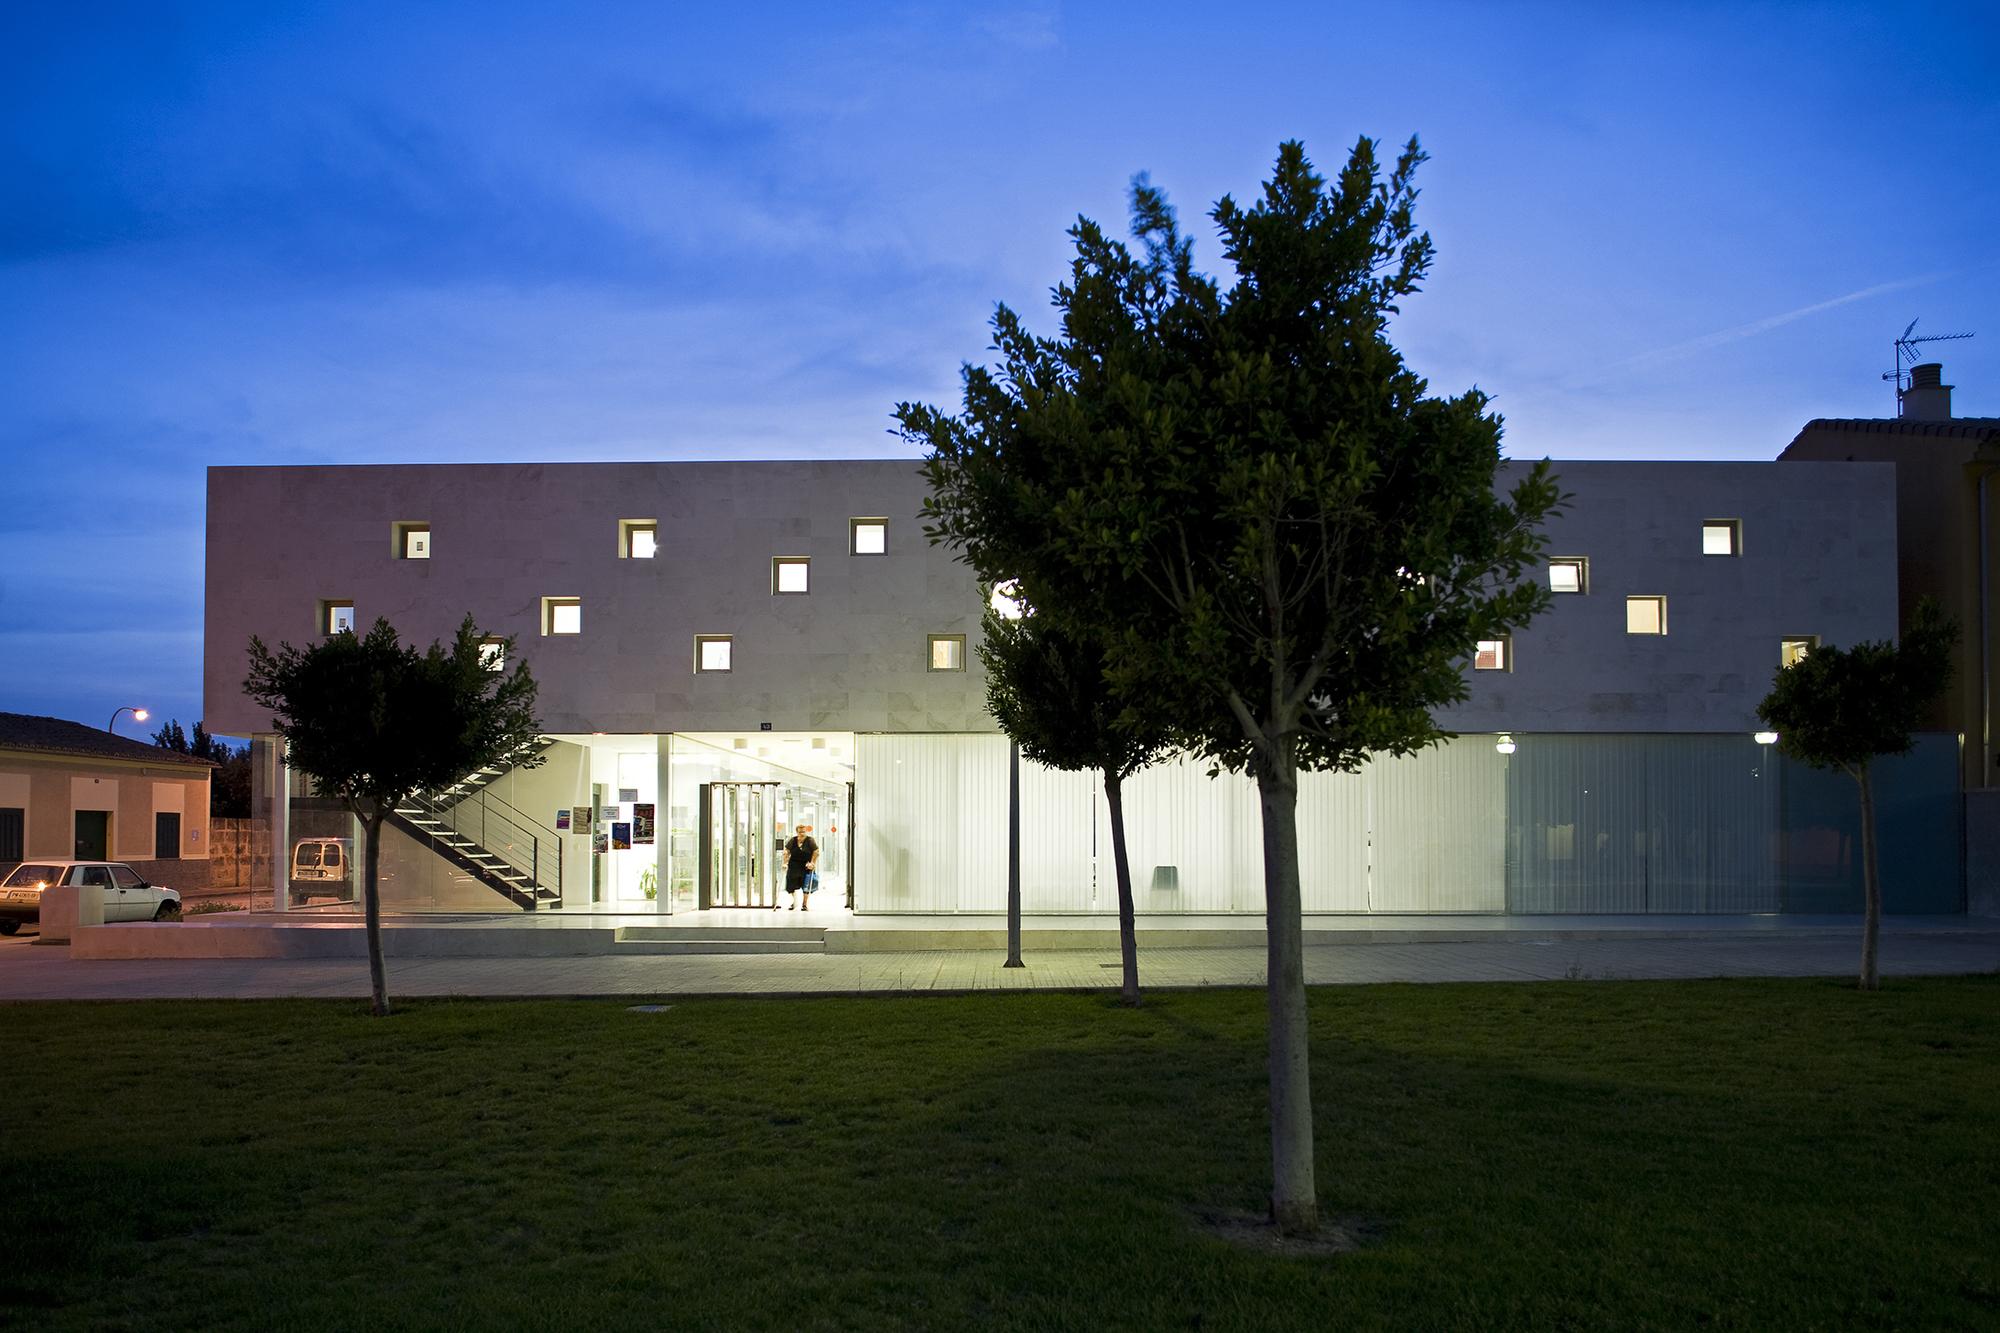 Centro Cultural em Son Ferriol / Jordi Herrero + Sebastián Escanellas, © Jaime Sicilia